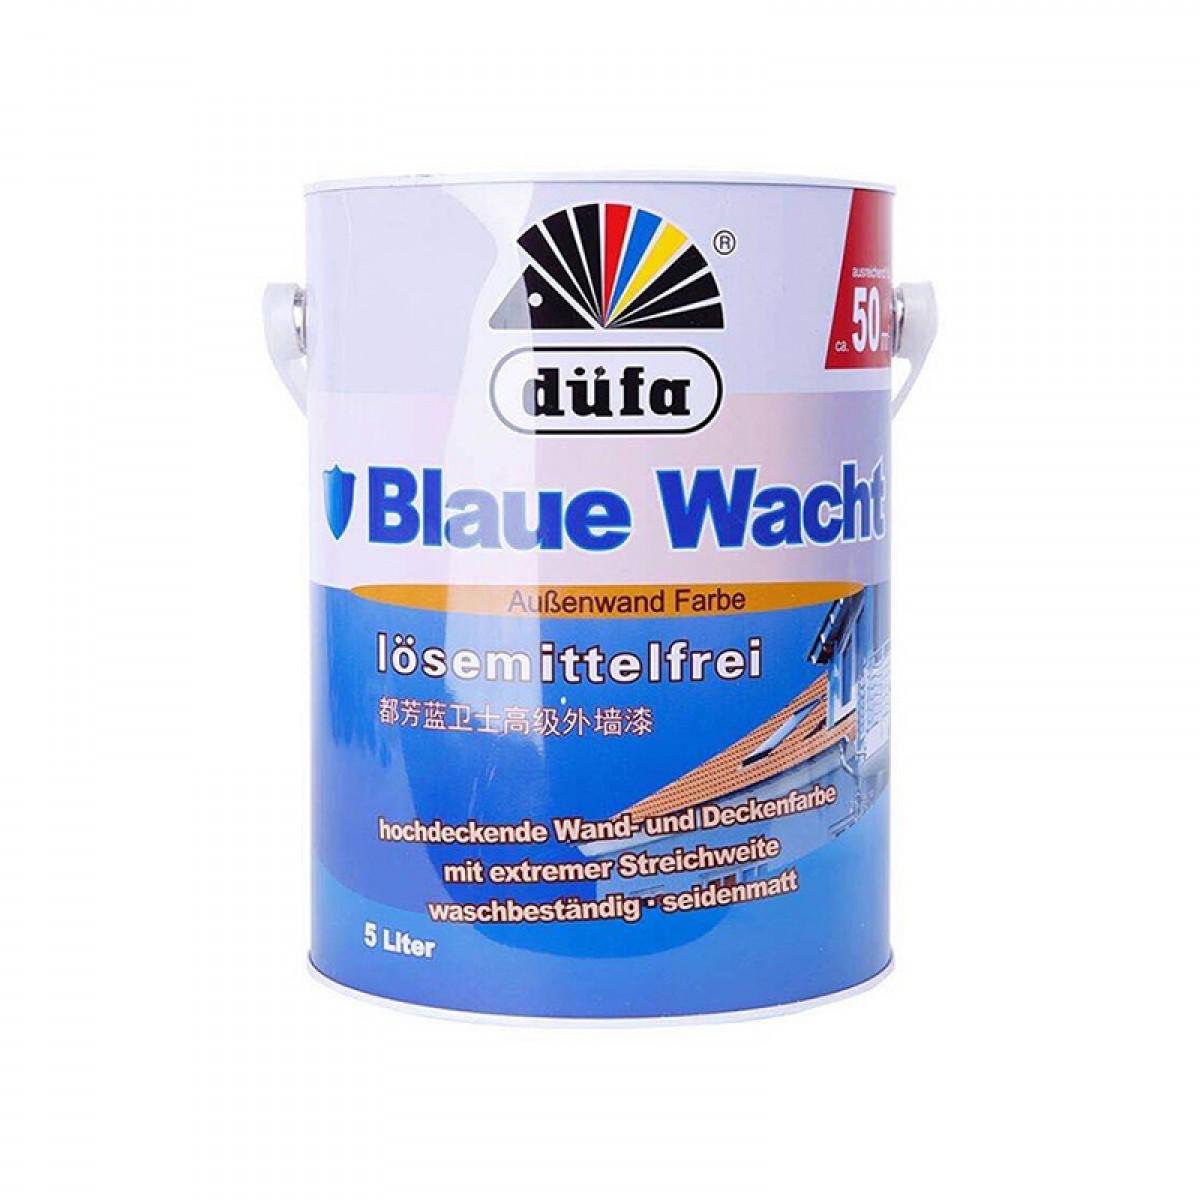 德国都芳蓝卫士高级外墙漆底漆乳胶漆水性漆涂料5L